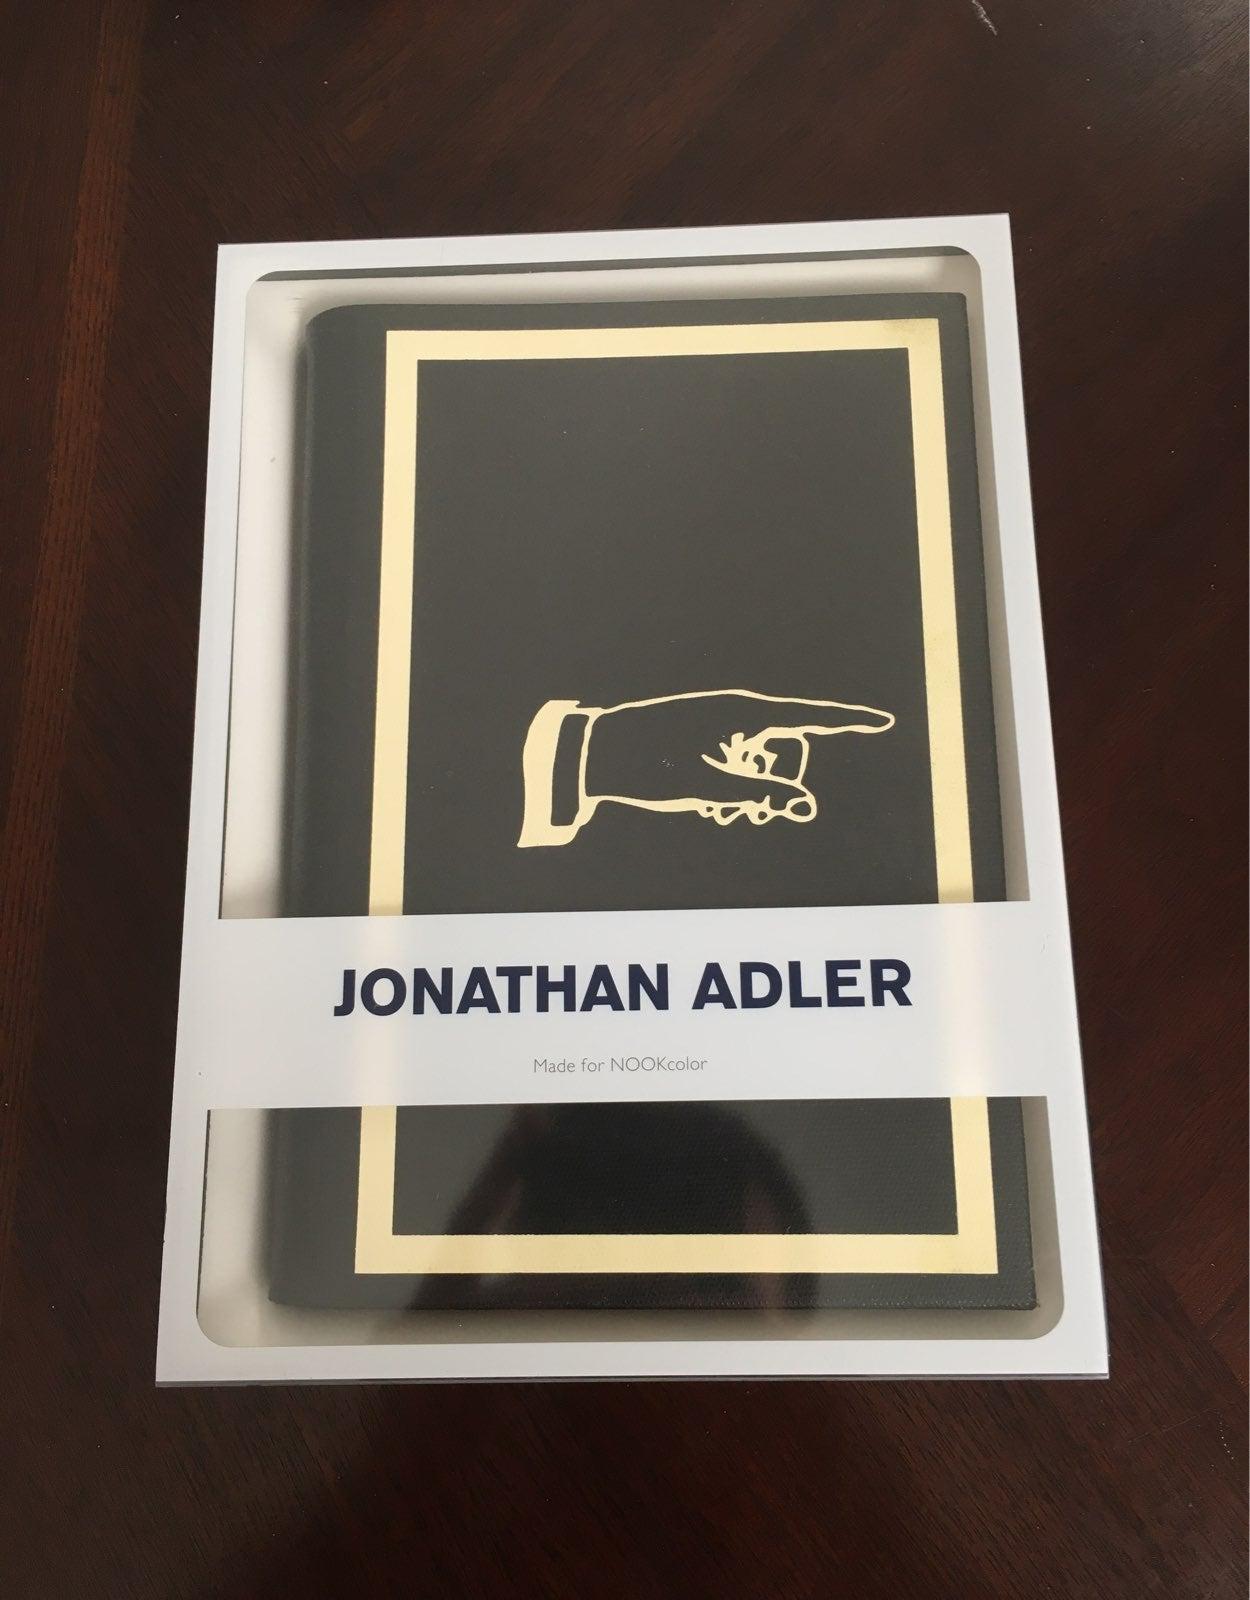 Jonathan Adler Nook case